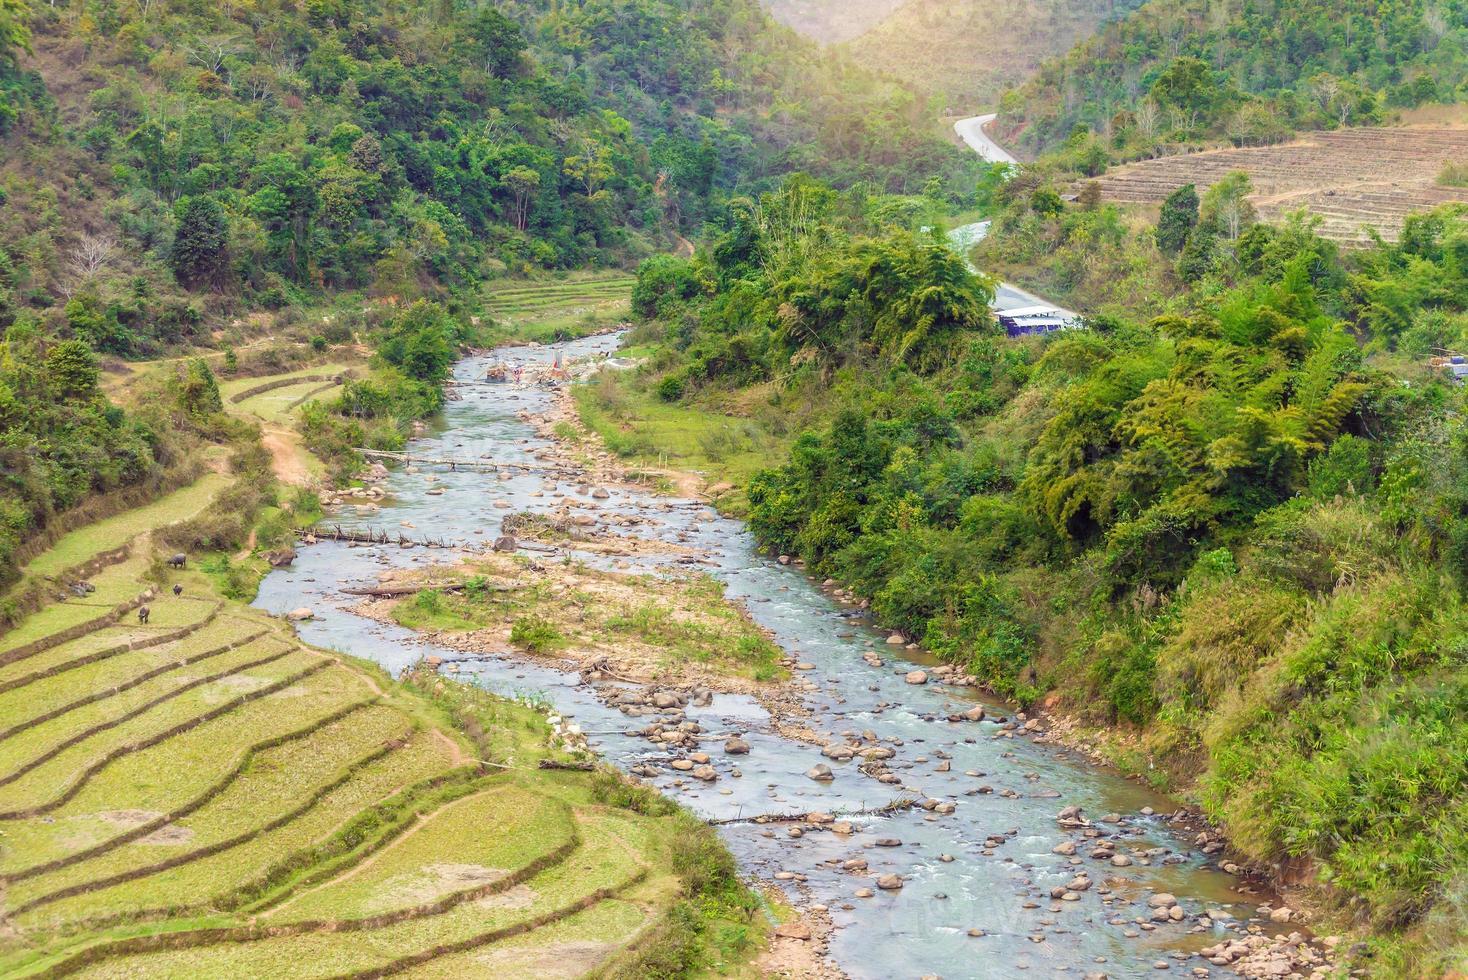 prachtig landschap over terrasvormige rijstvelden met rivier in myan foto